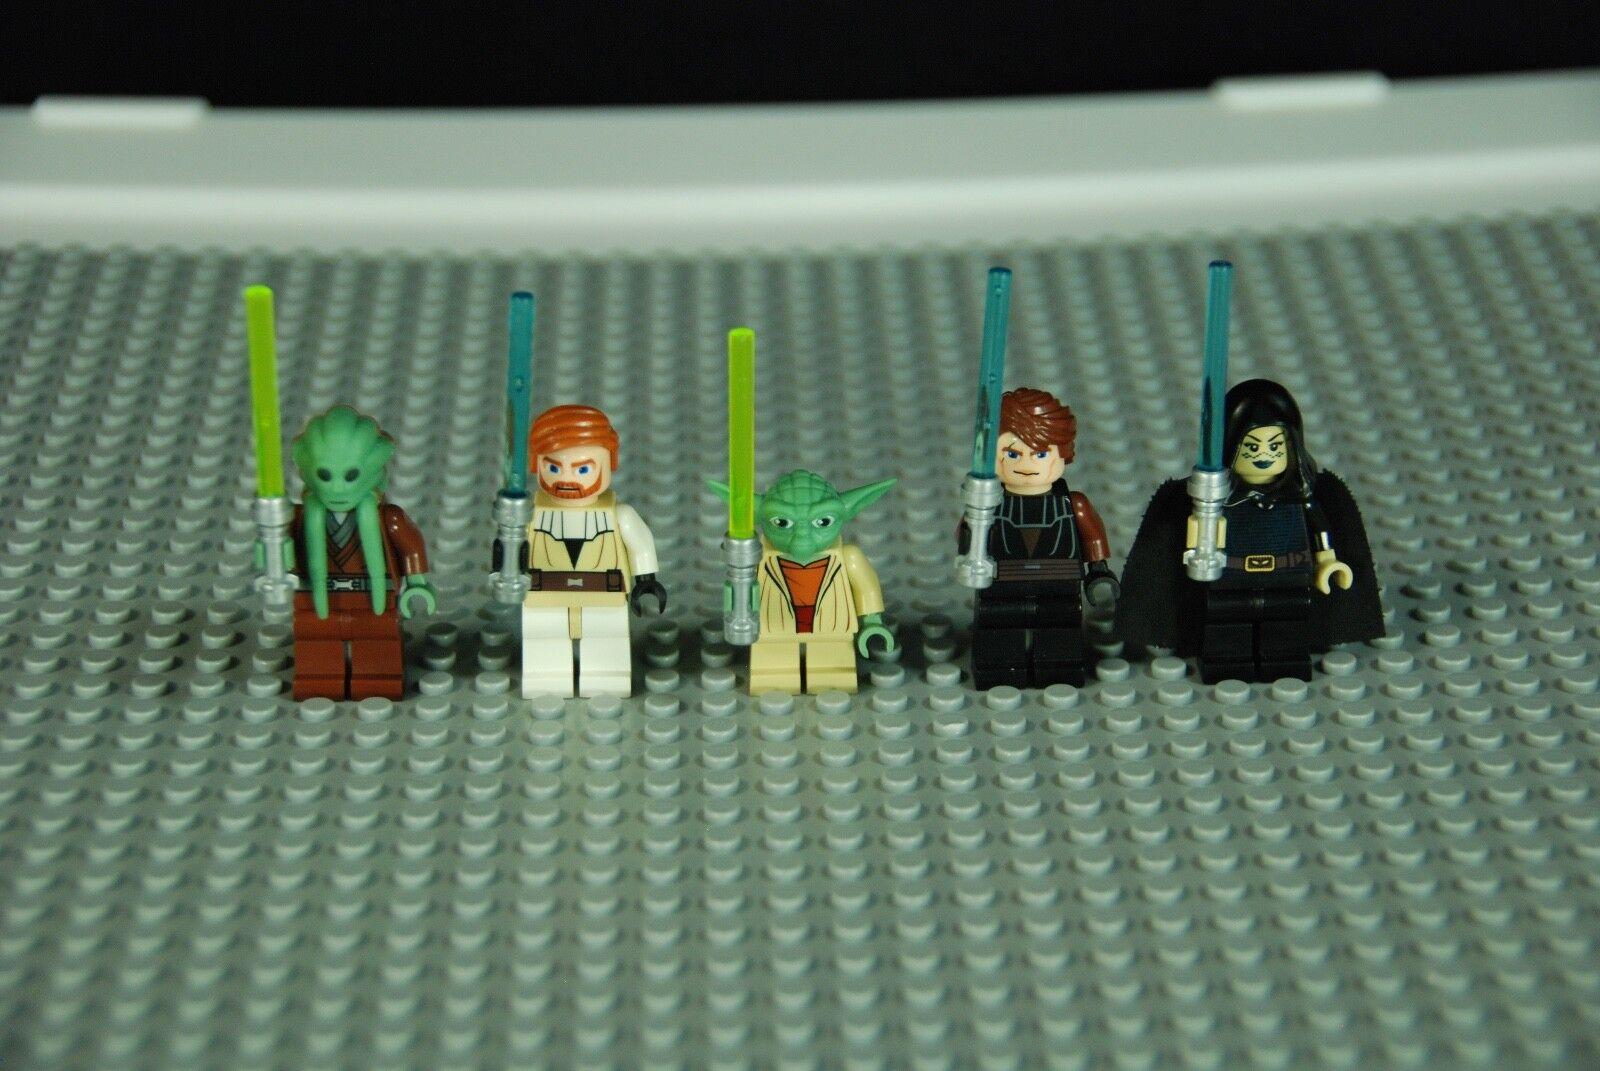 LEGO Star Wars Jedi Minifigures